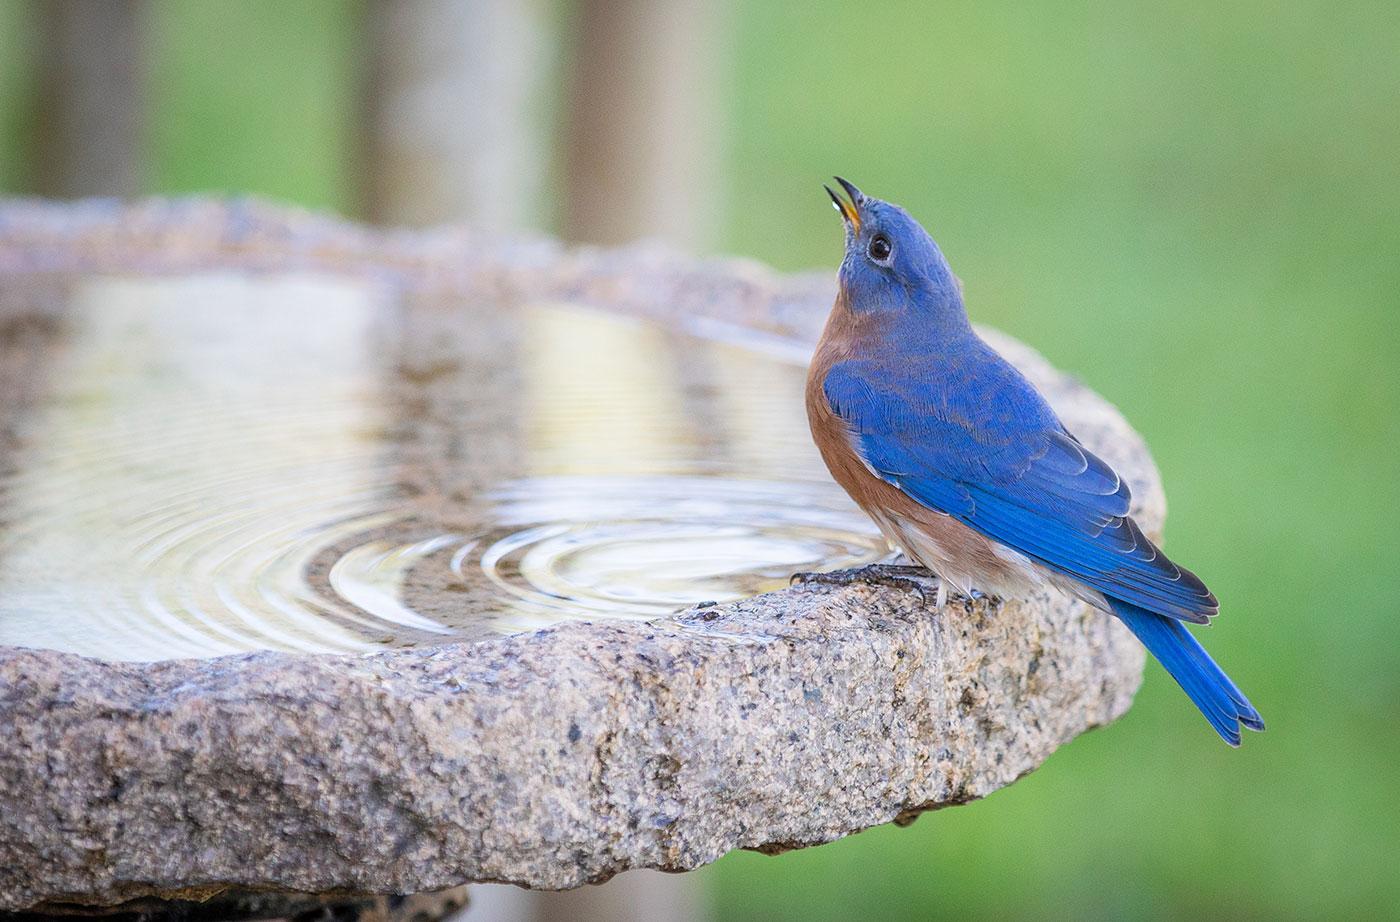 bird perched on bird bath